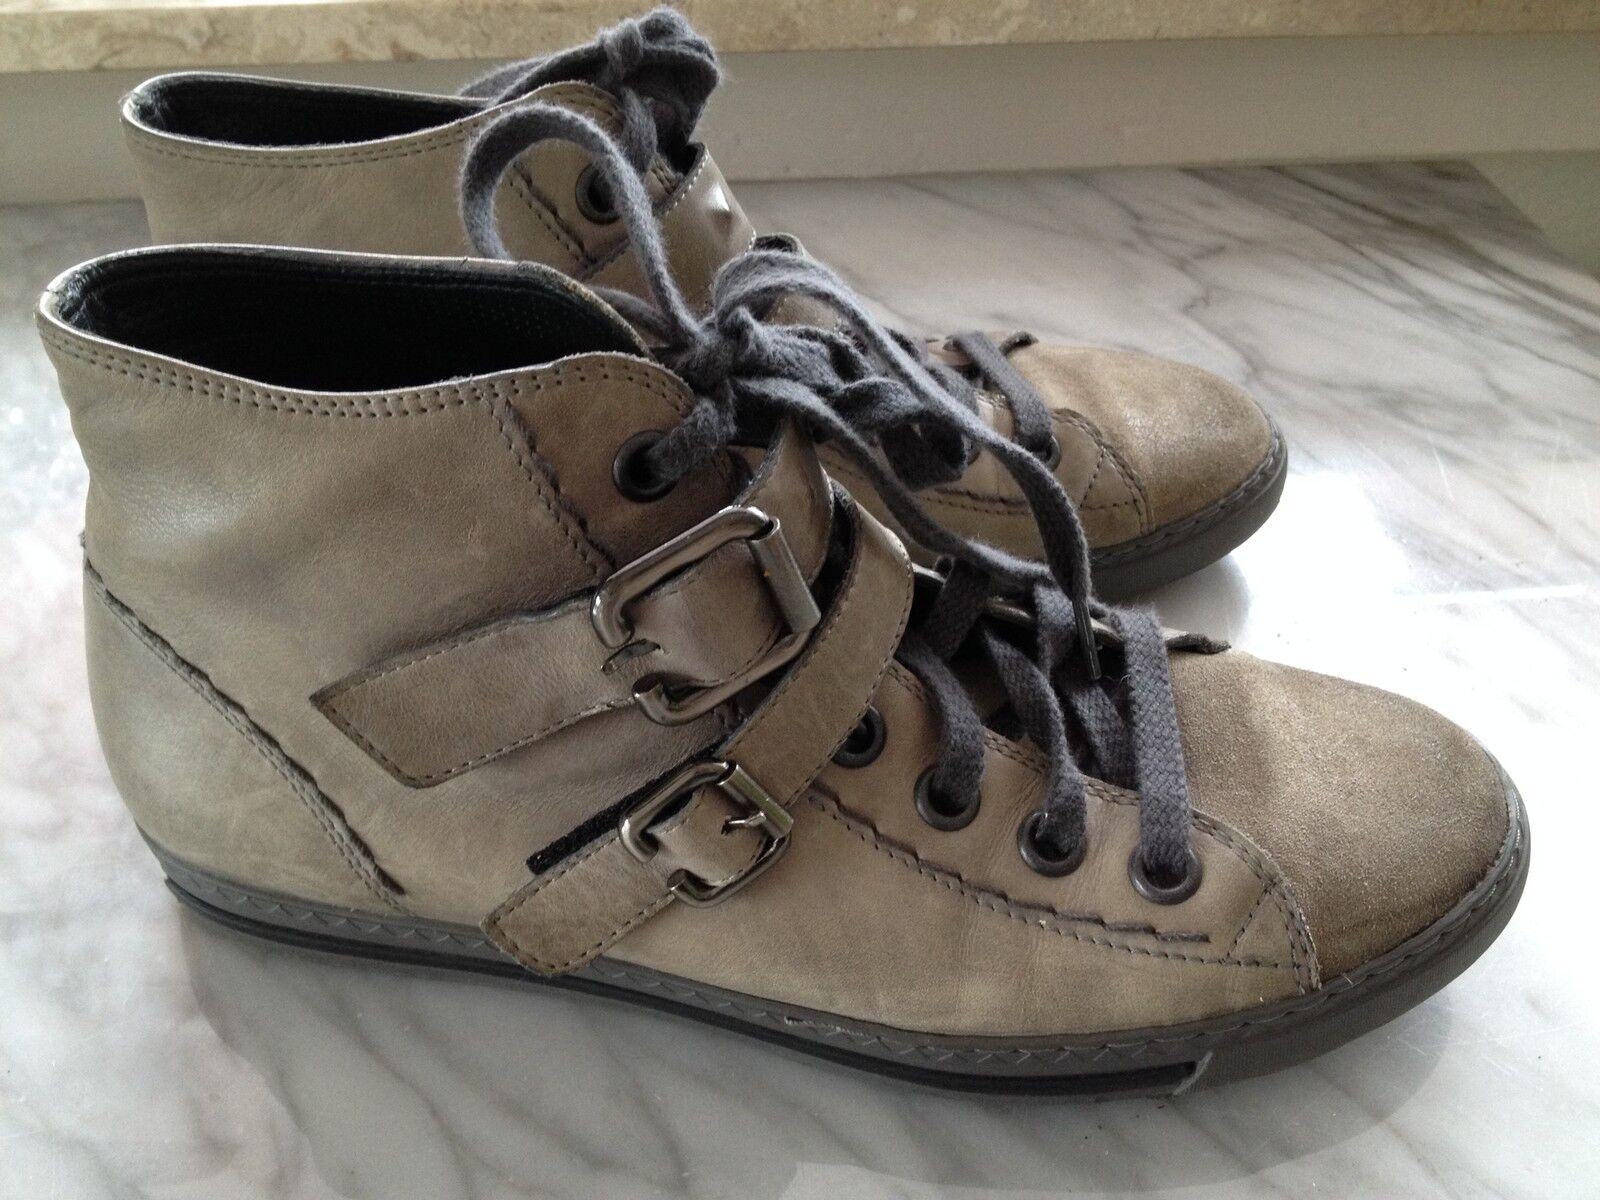 Paul Grün grau Sneaker grau Grün Gr. 38,5 (5,5) 86a398